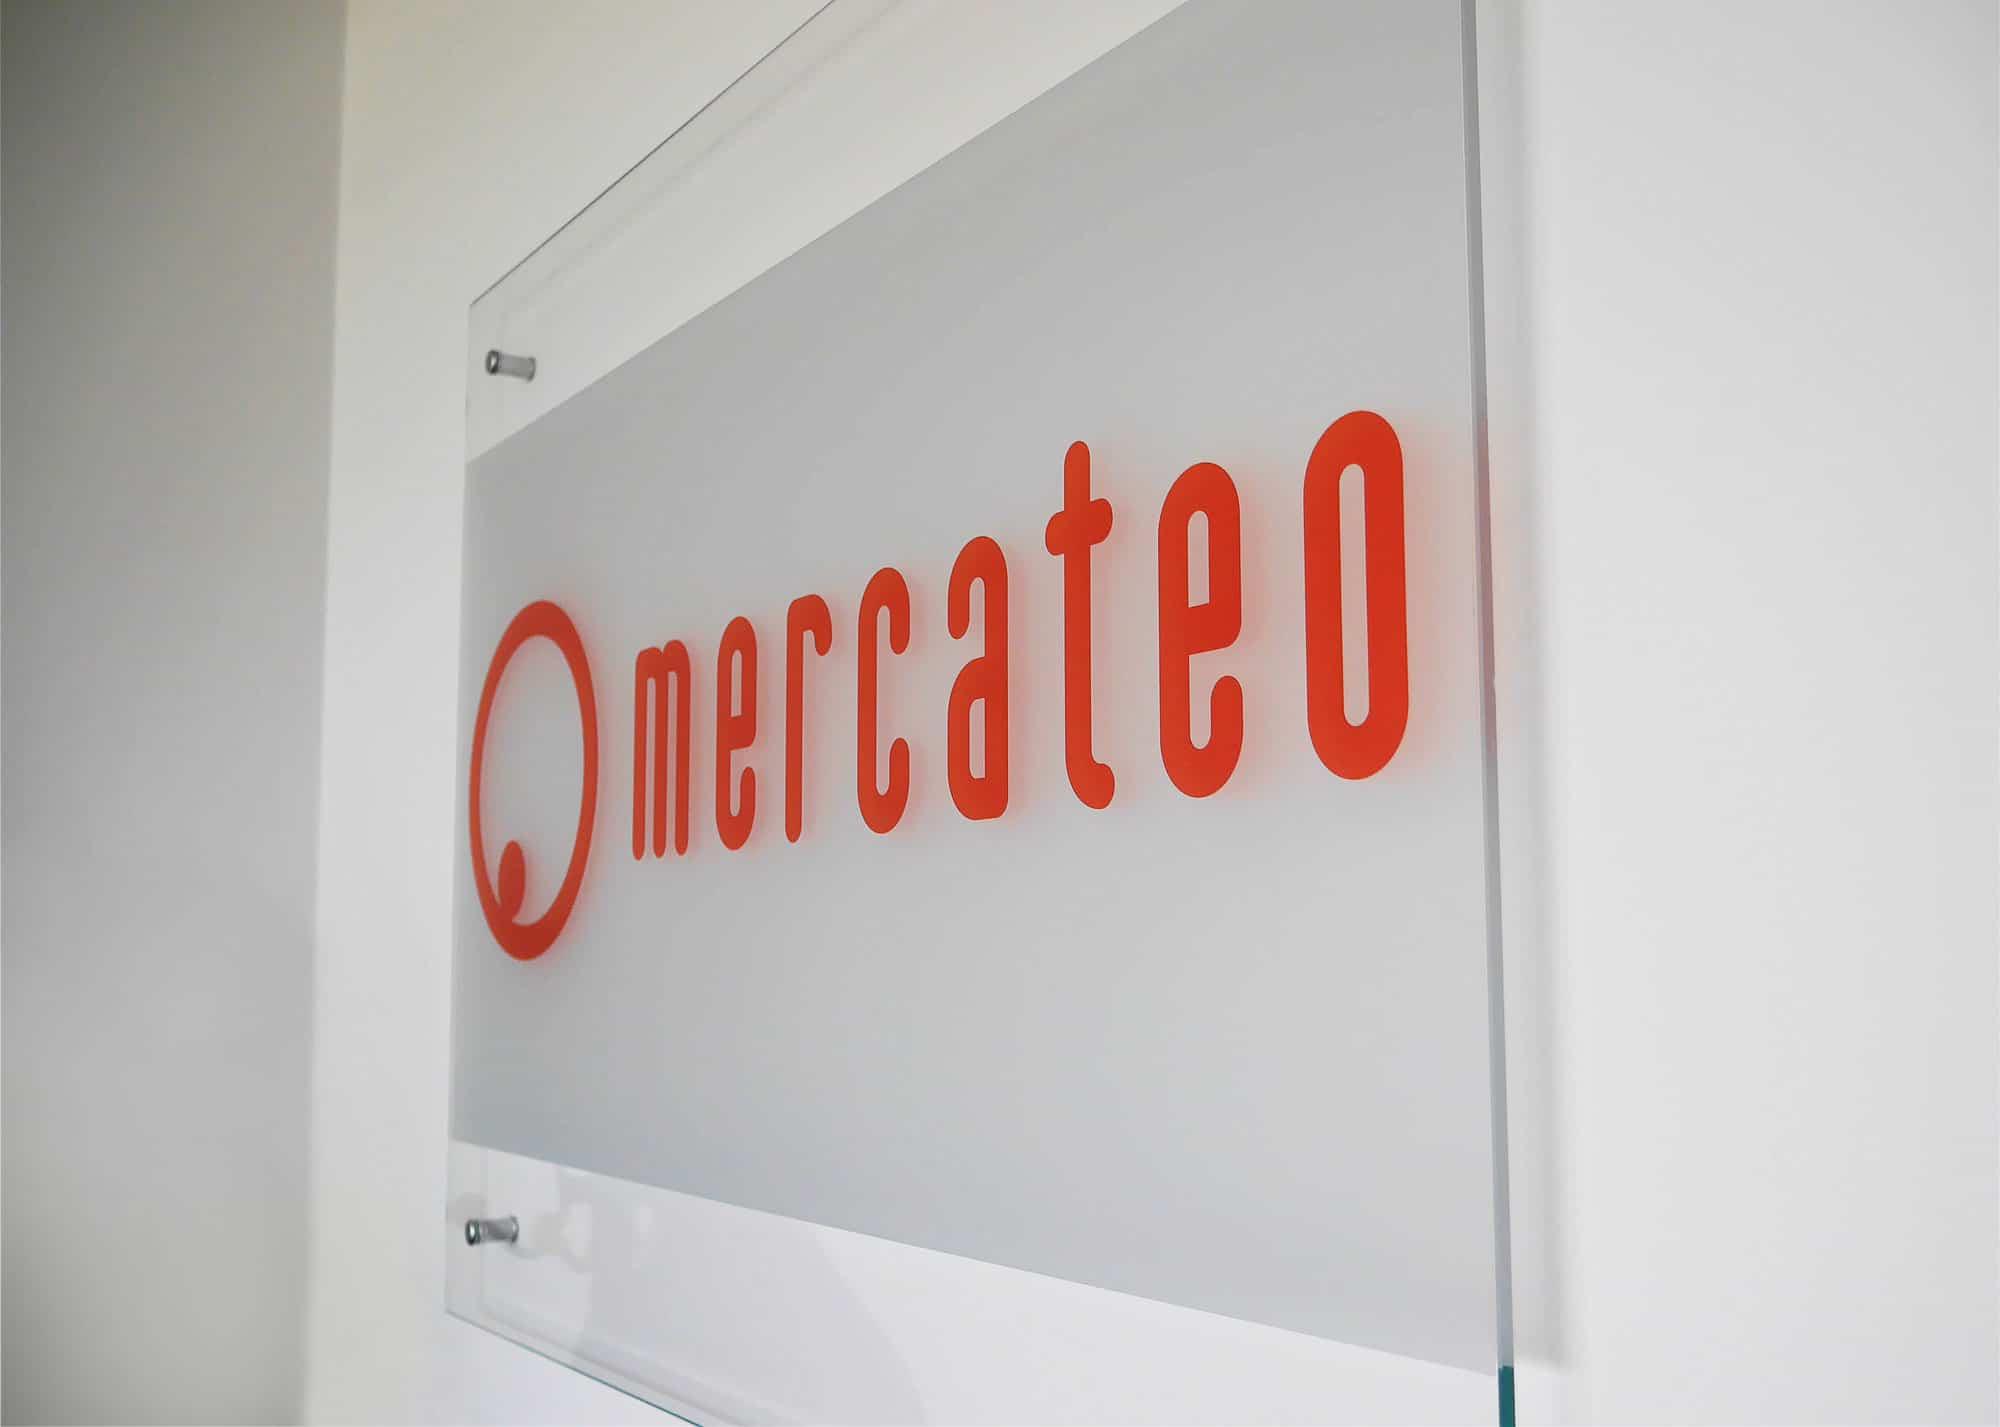 Reklamná tabuľa zo skla - Mercateo